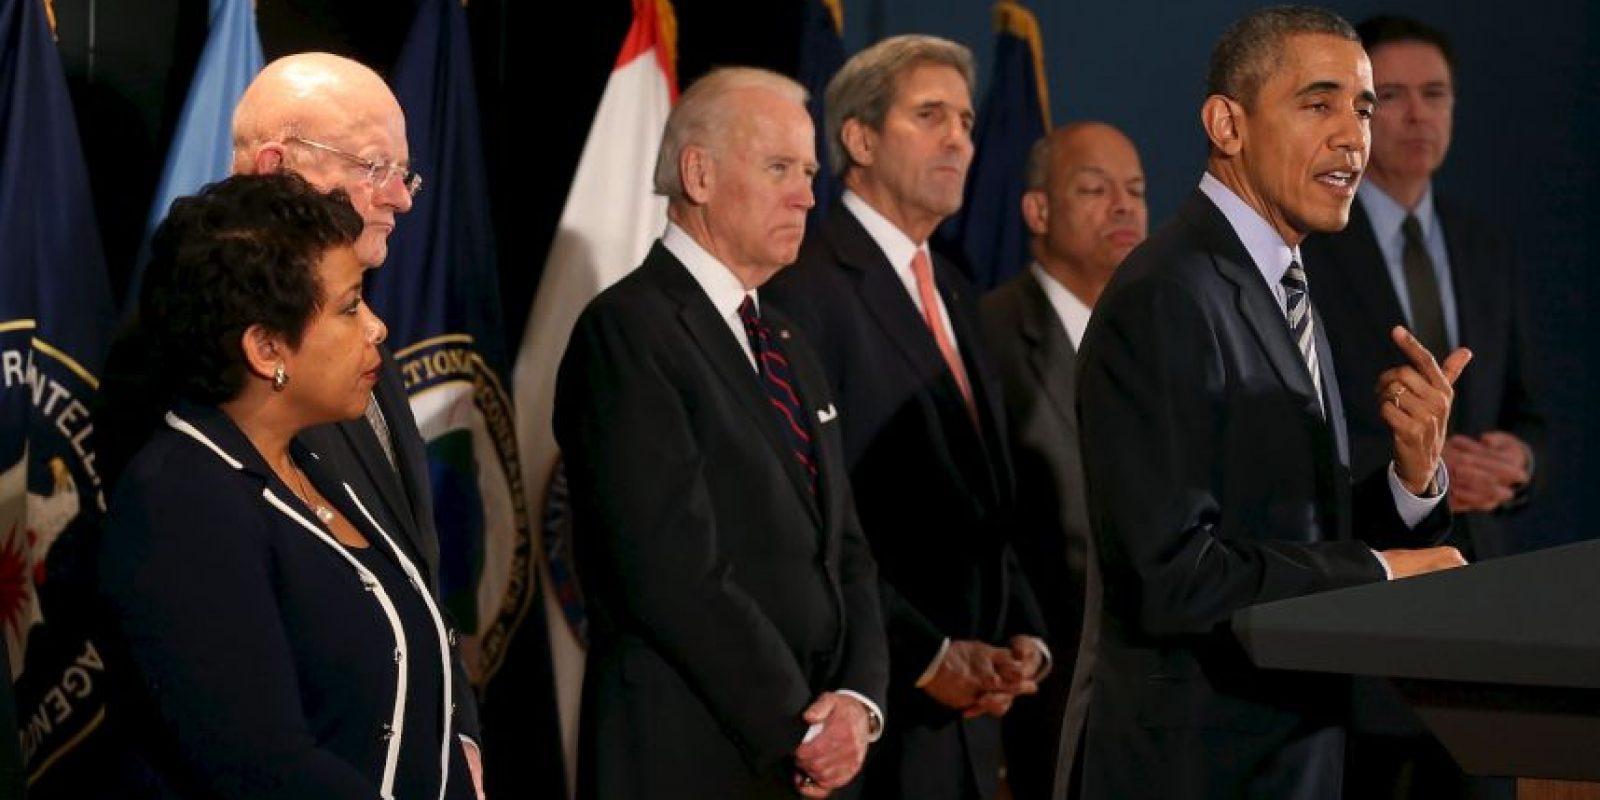 El fin del año 2016 y comienzo del año 2017 surgirá una nueva potencia mundial haciendo a un lado a Estados Unidos. Foto:AFP